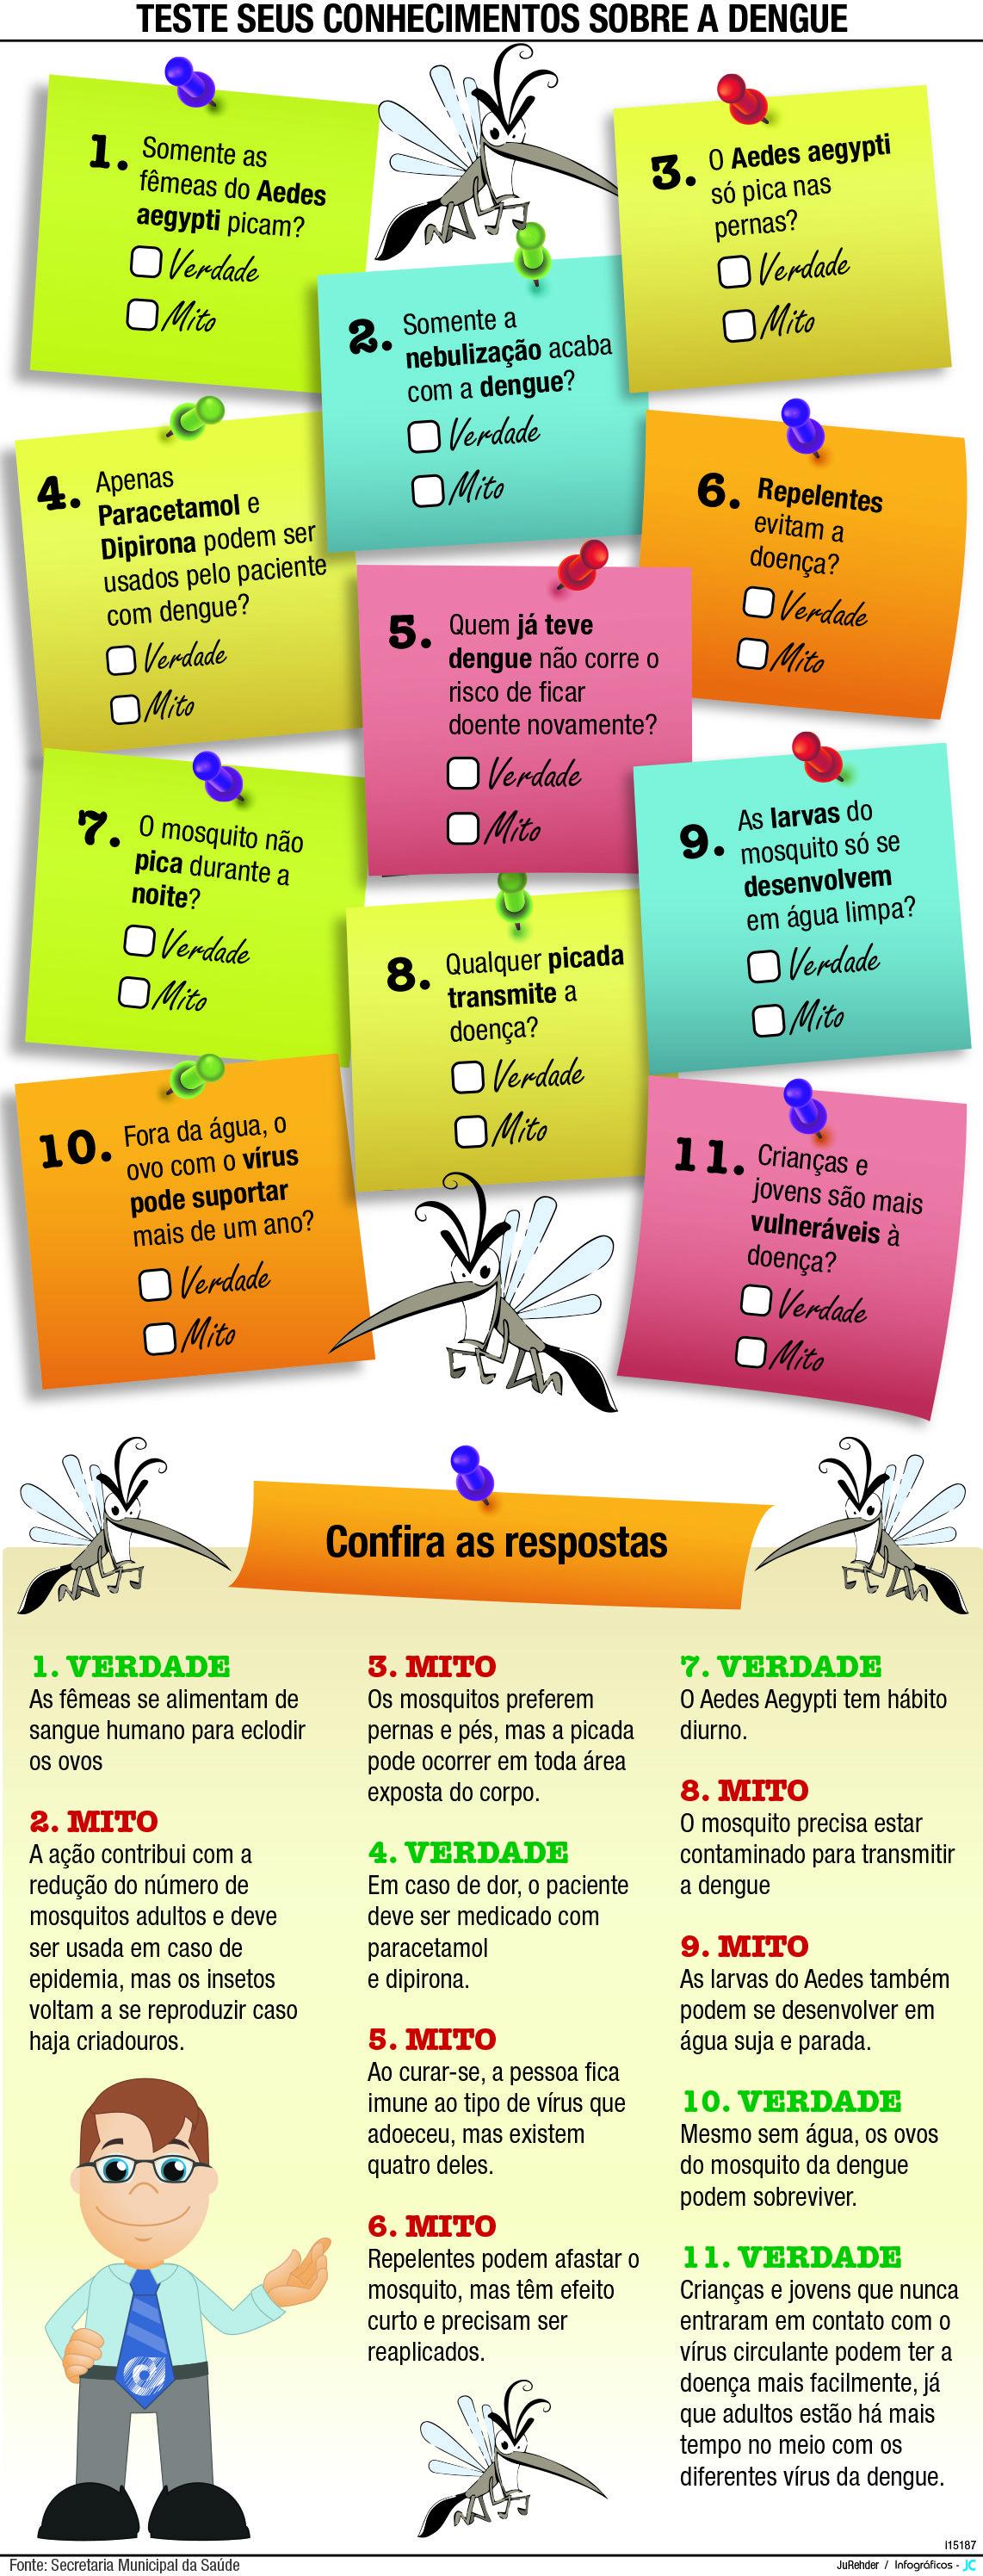 JuRehder - Infográfico de teste sobre a dengue, para o JC Bauru/SP.